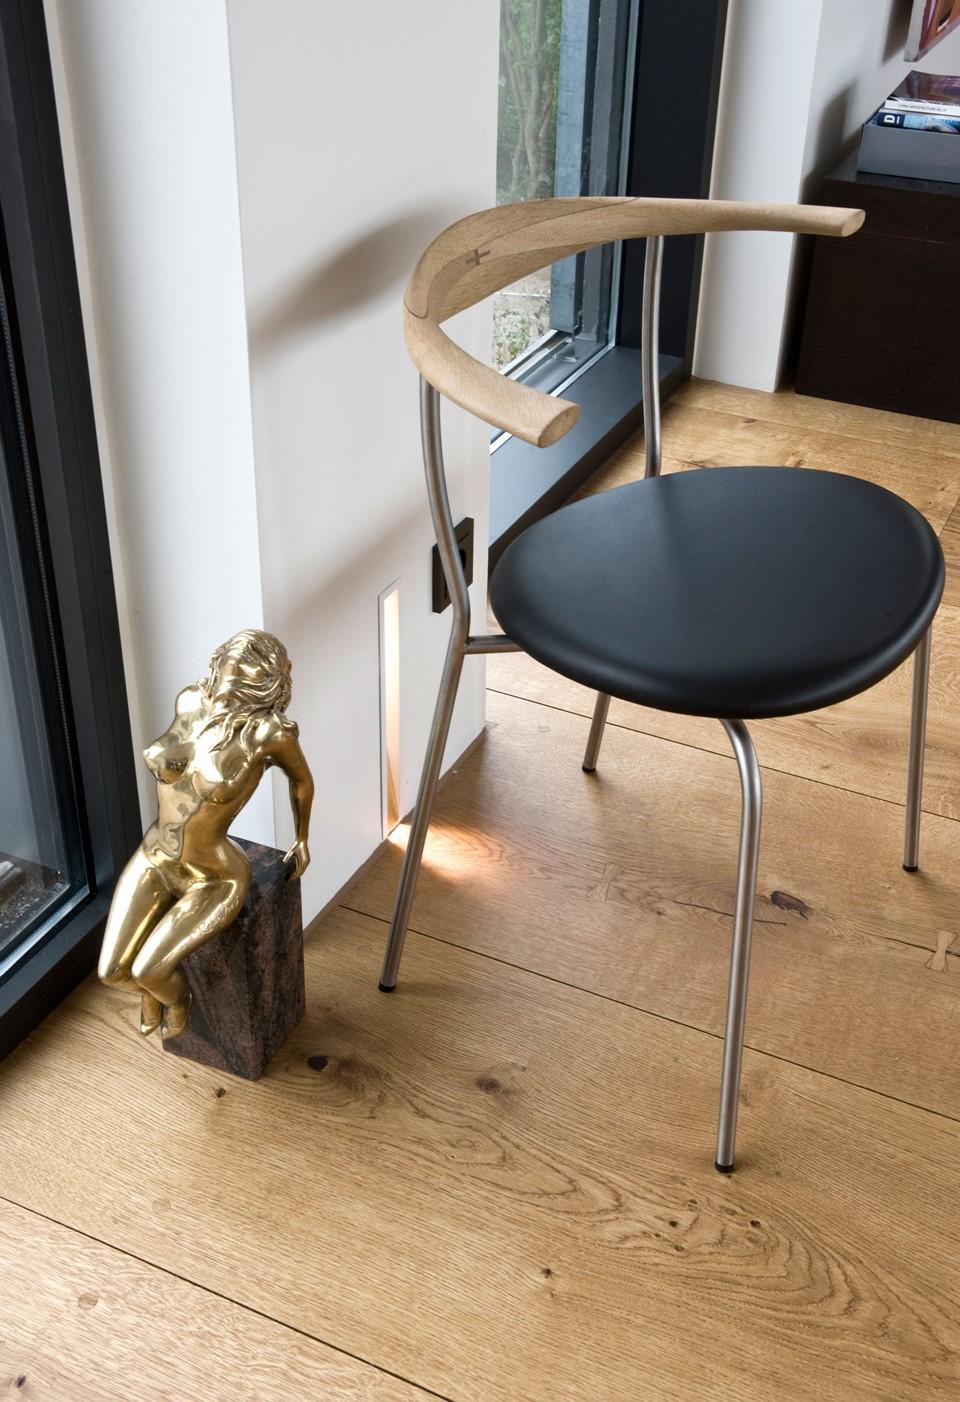 oak-hardwood-floors-heartoak_natural-oil_strib-residence_chair_dinesen.jpg